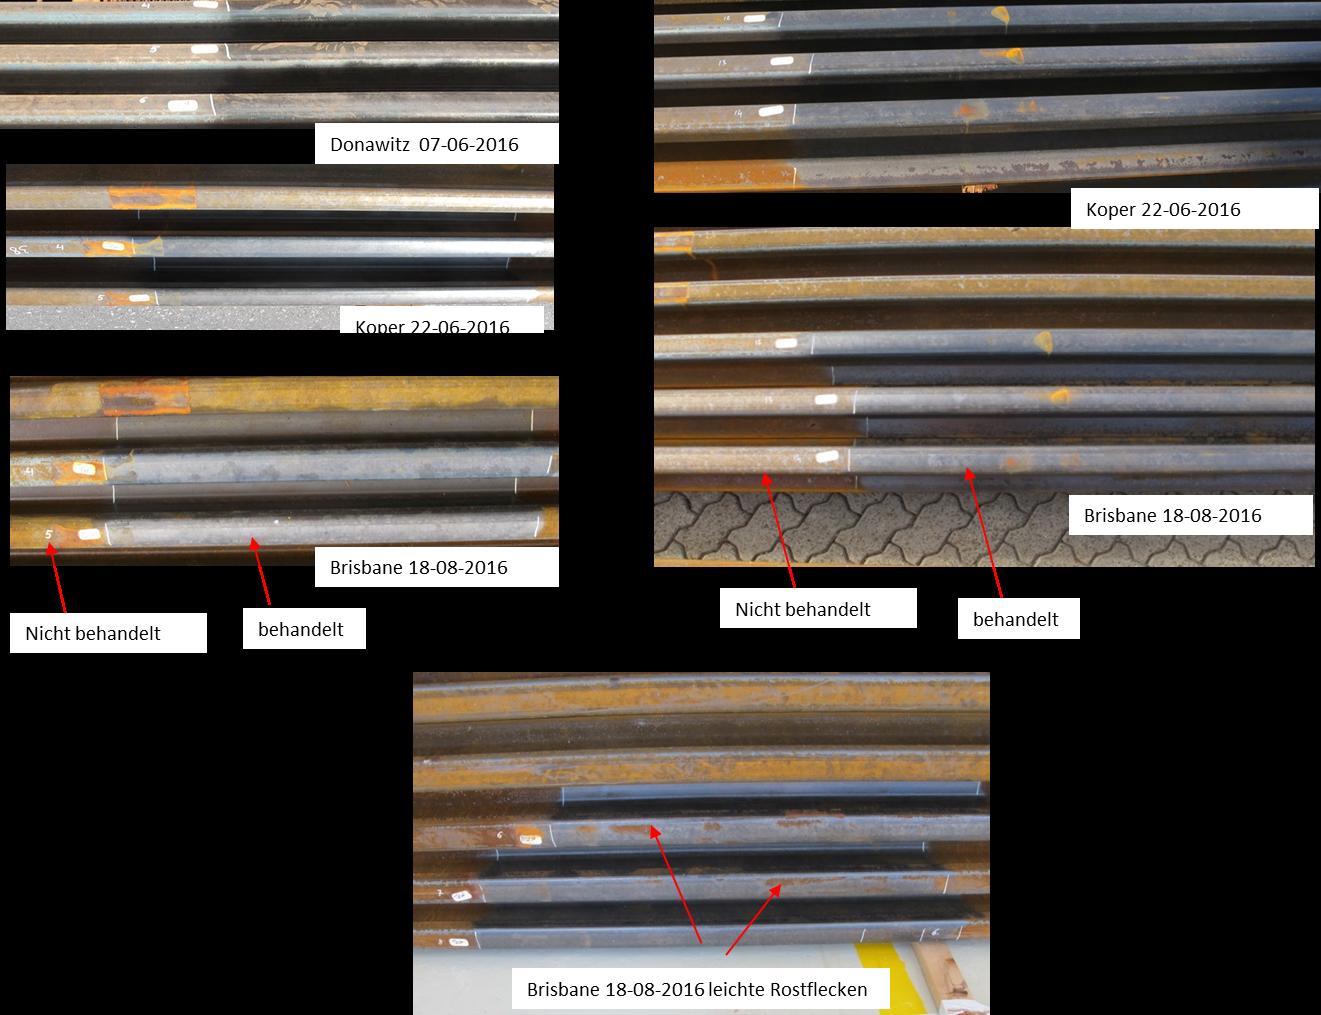 Verschiedene getestete Schienen im Vergleich